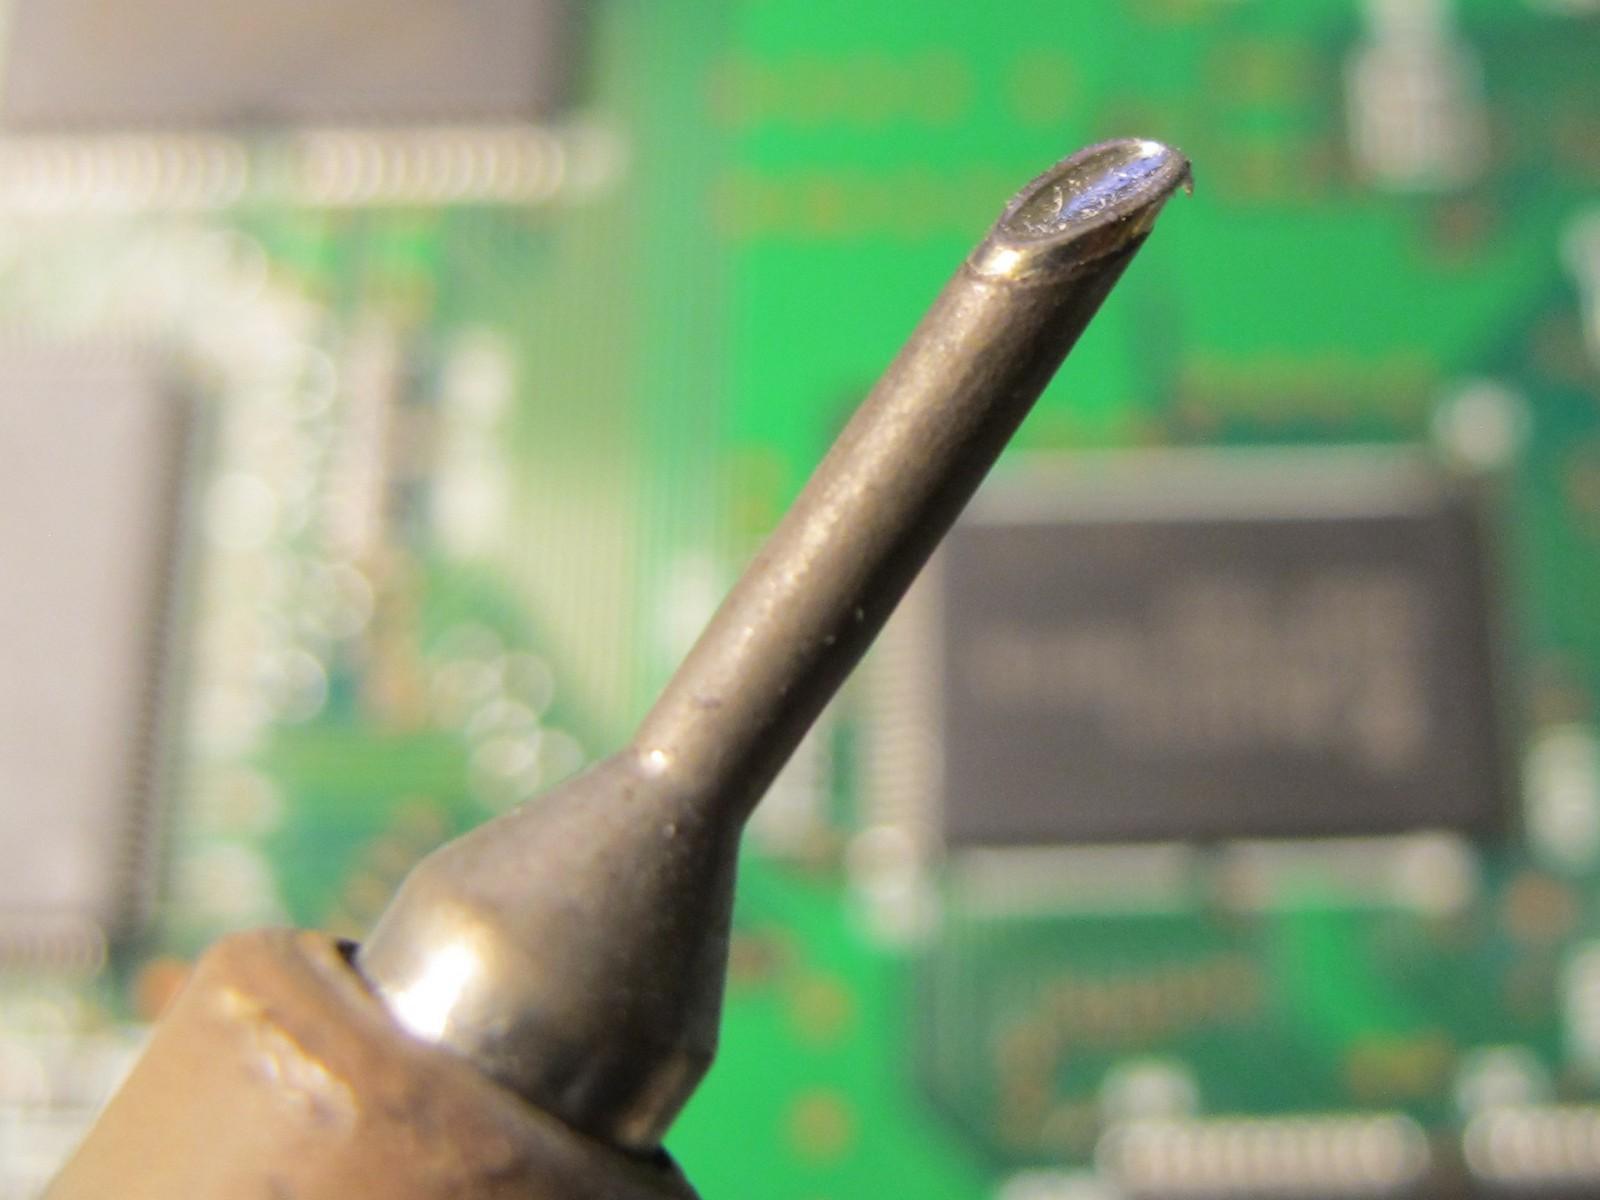 Miniwave solder iron tip